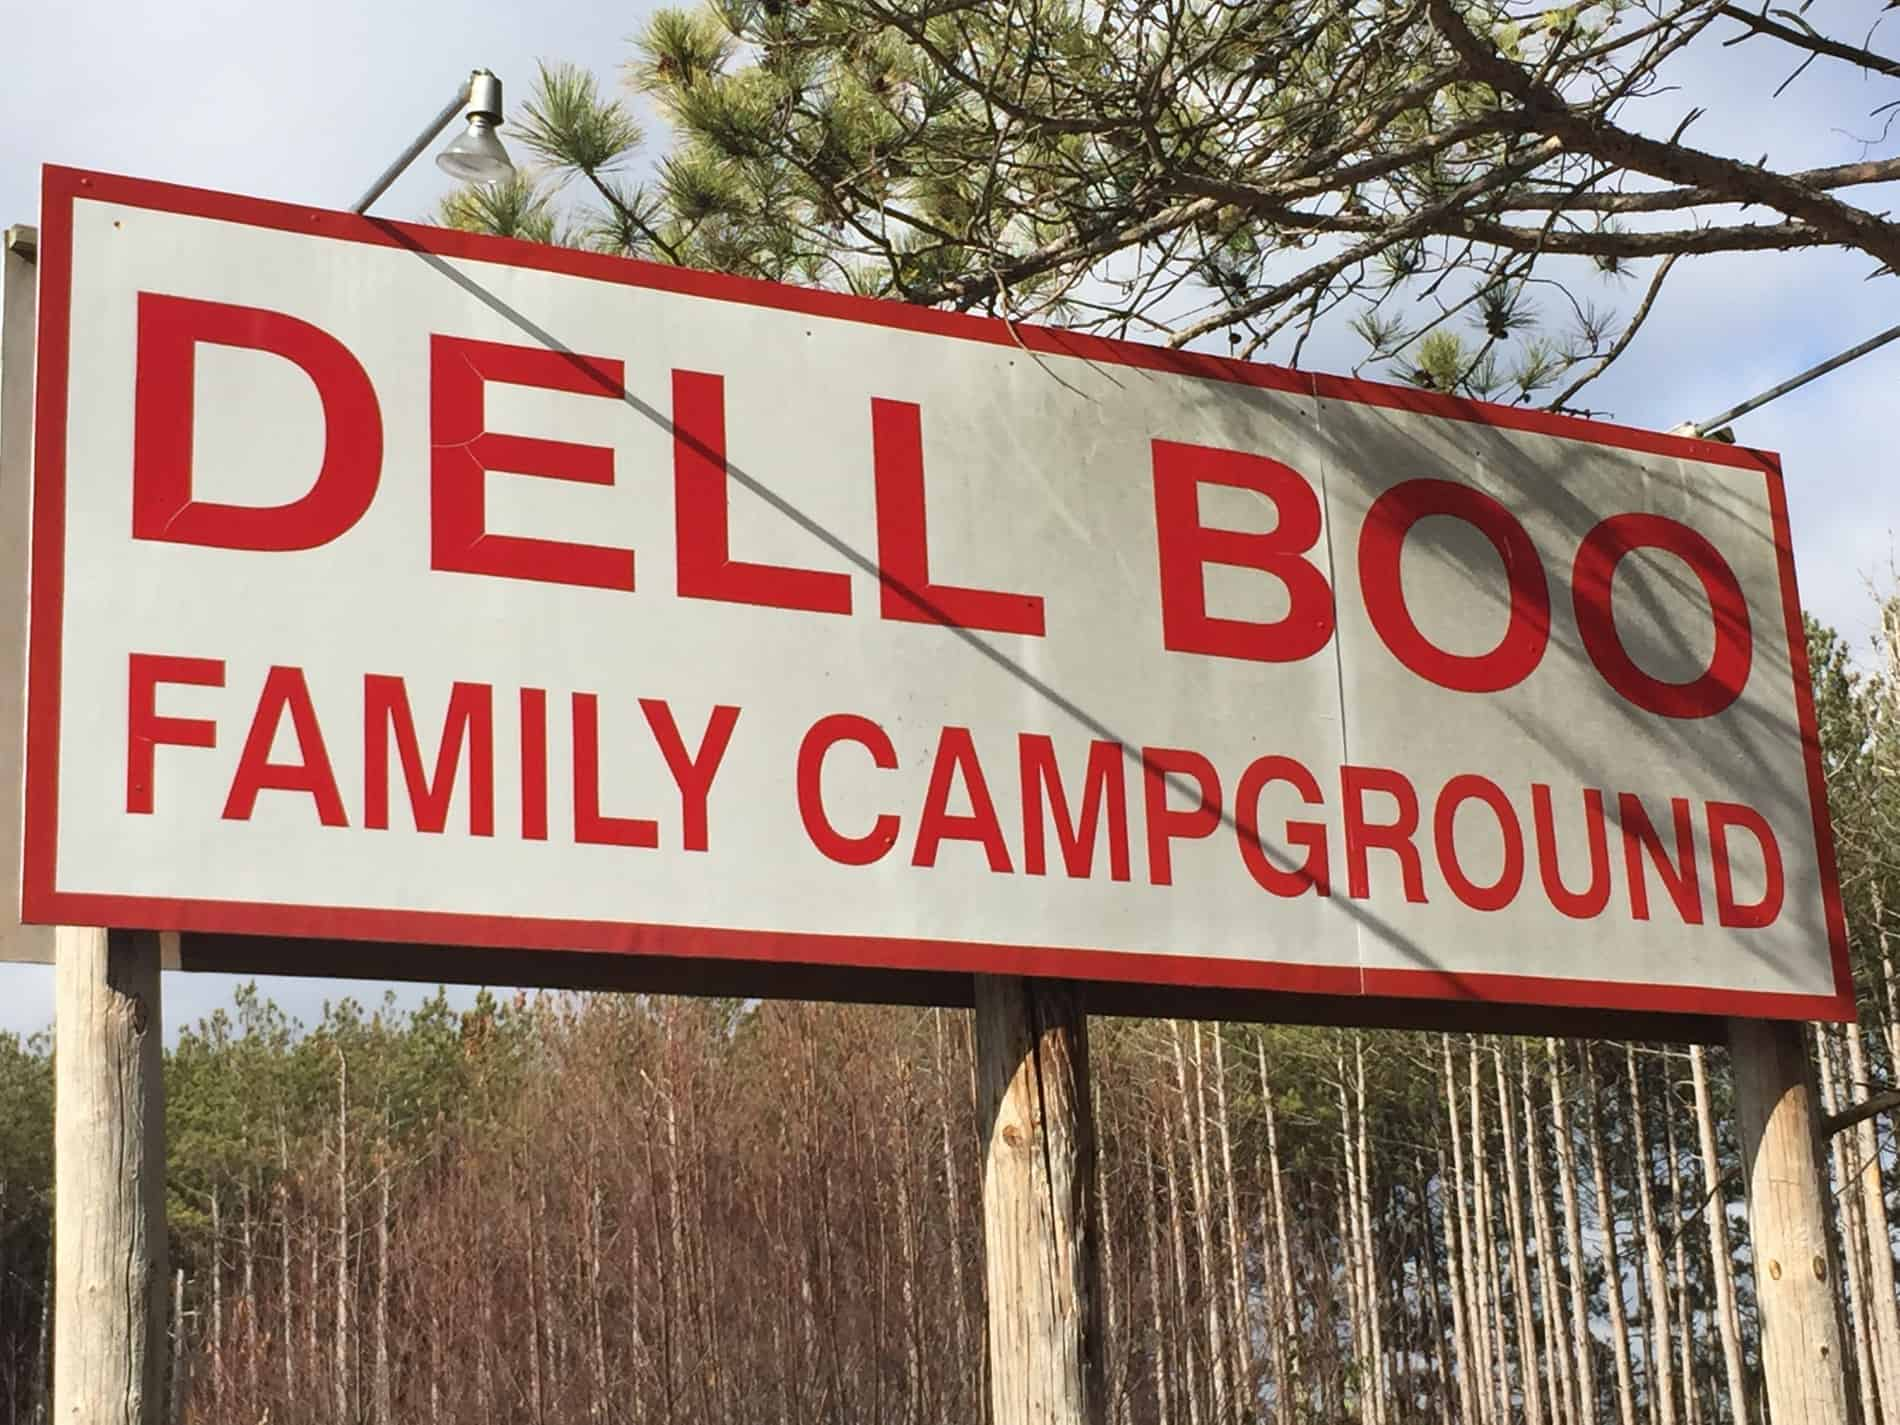 Dell Boo Campground – Wisconsin Dells